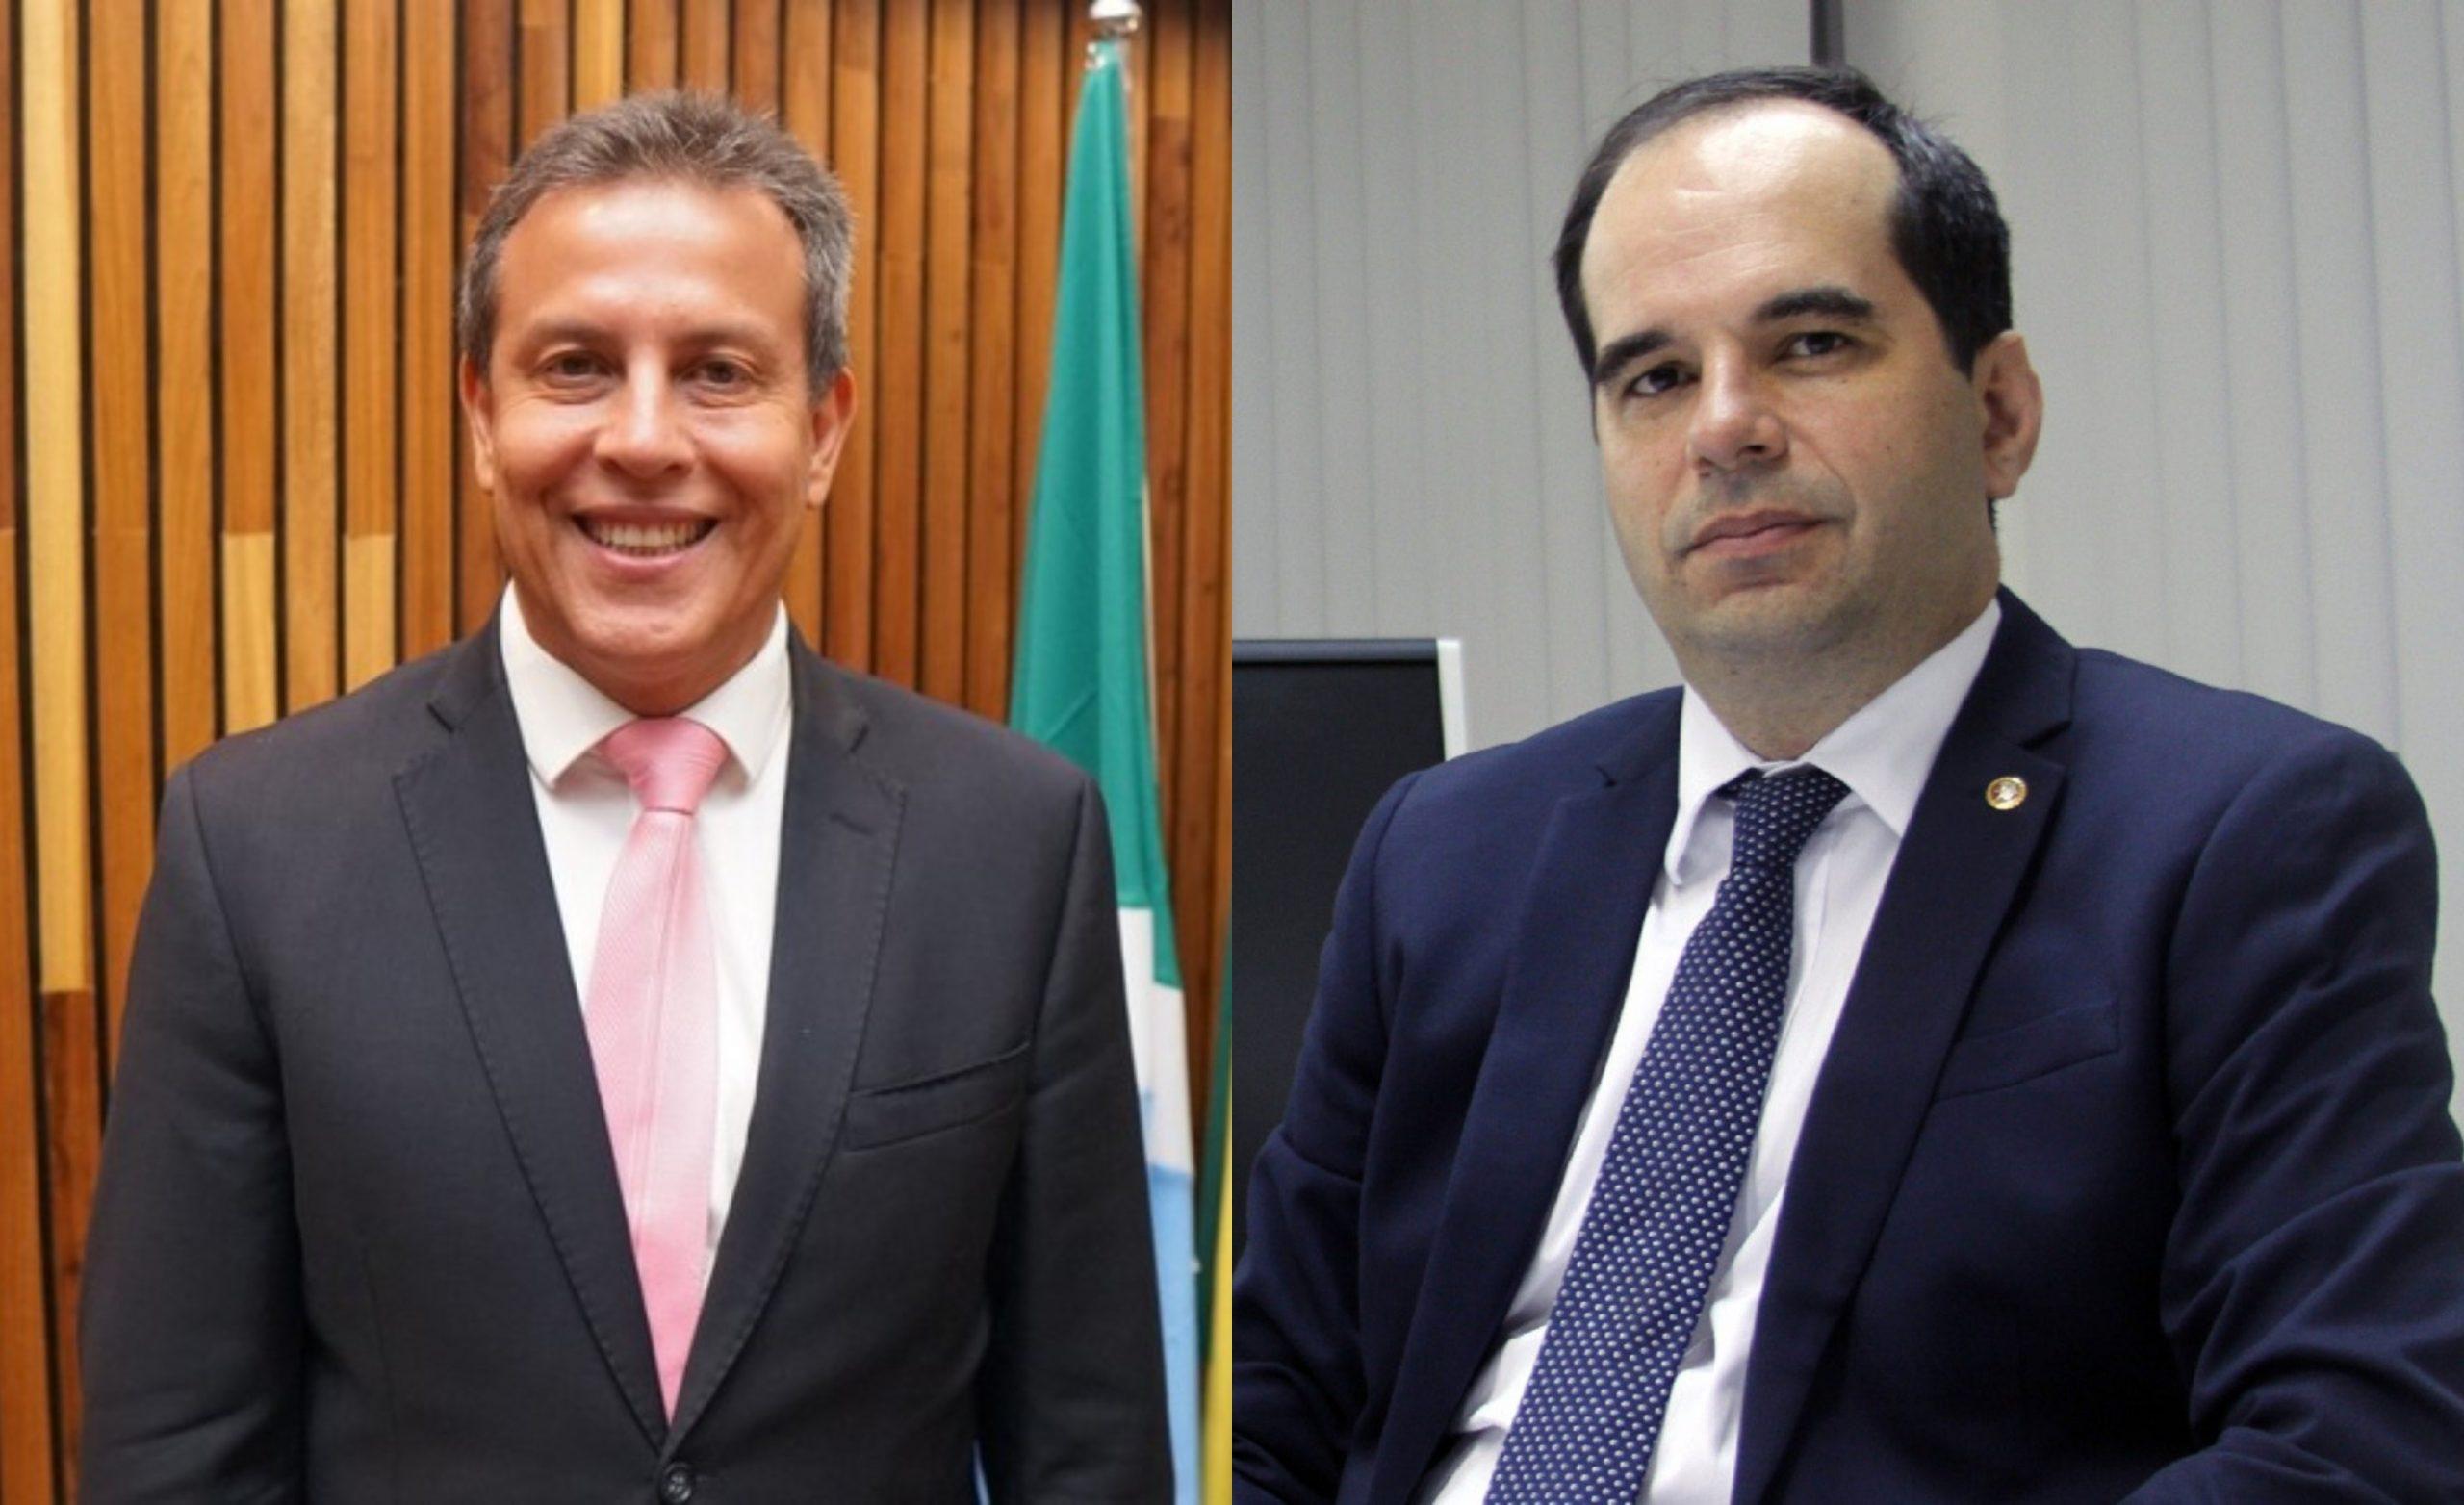 Senado Federal aprova indicados para ministros do TST